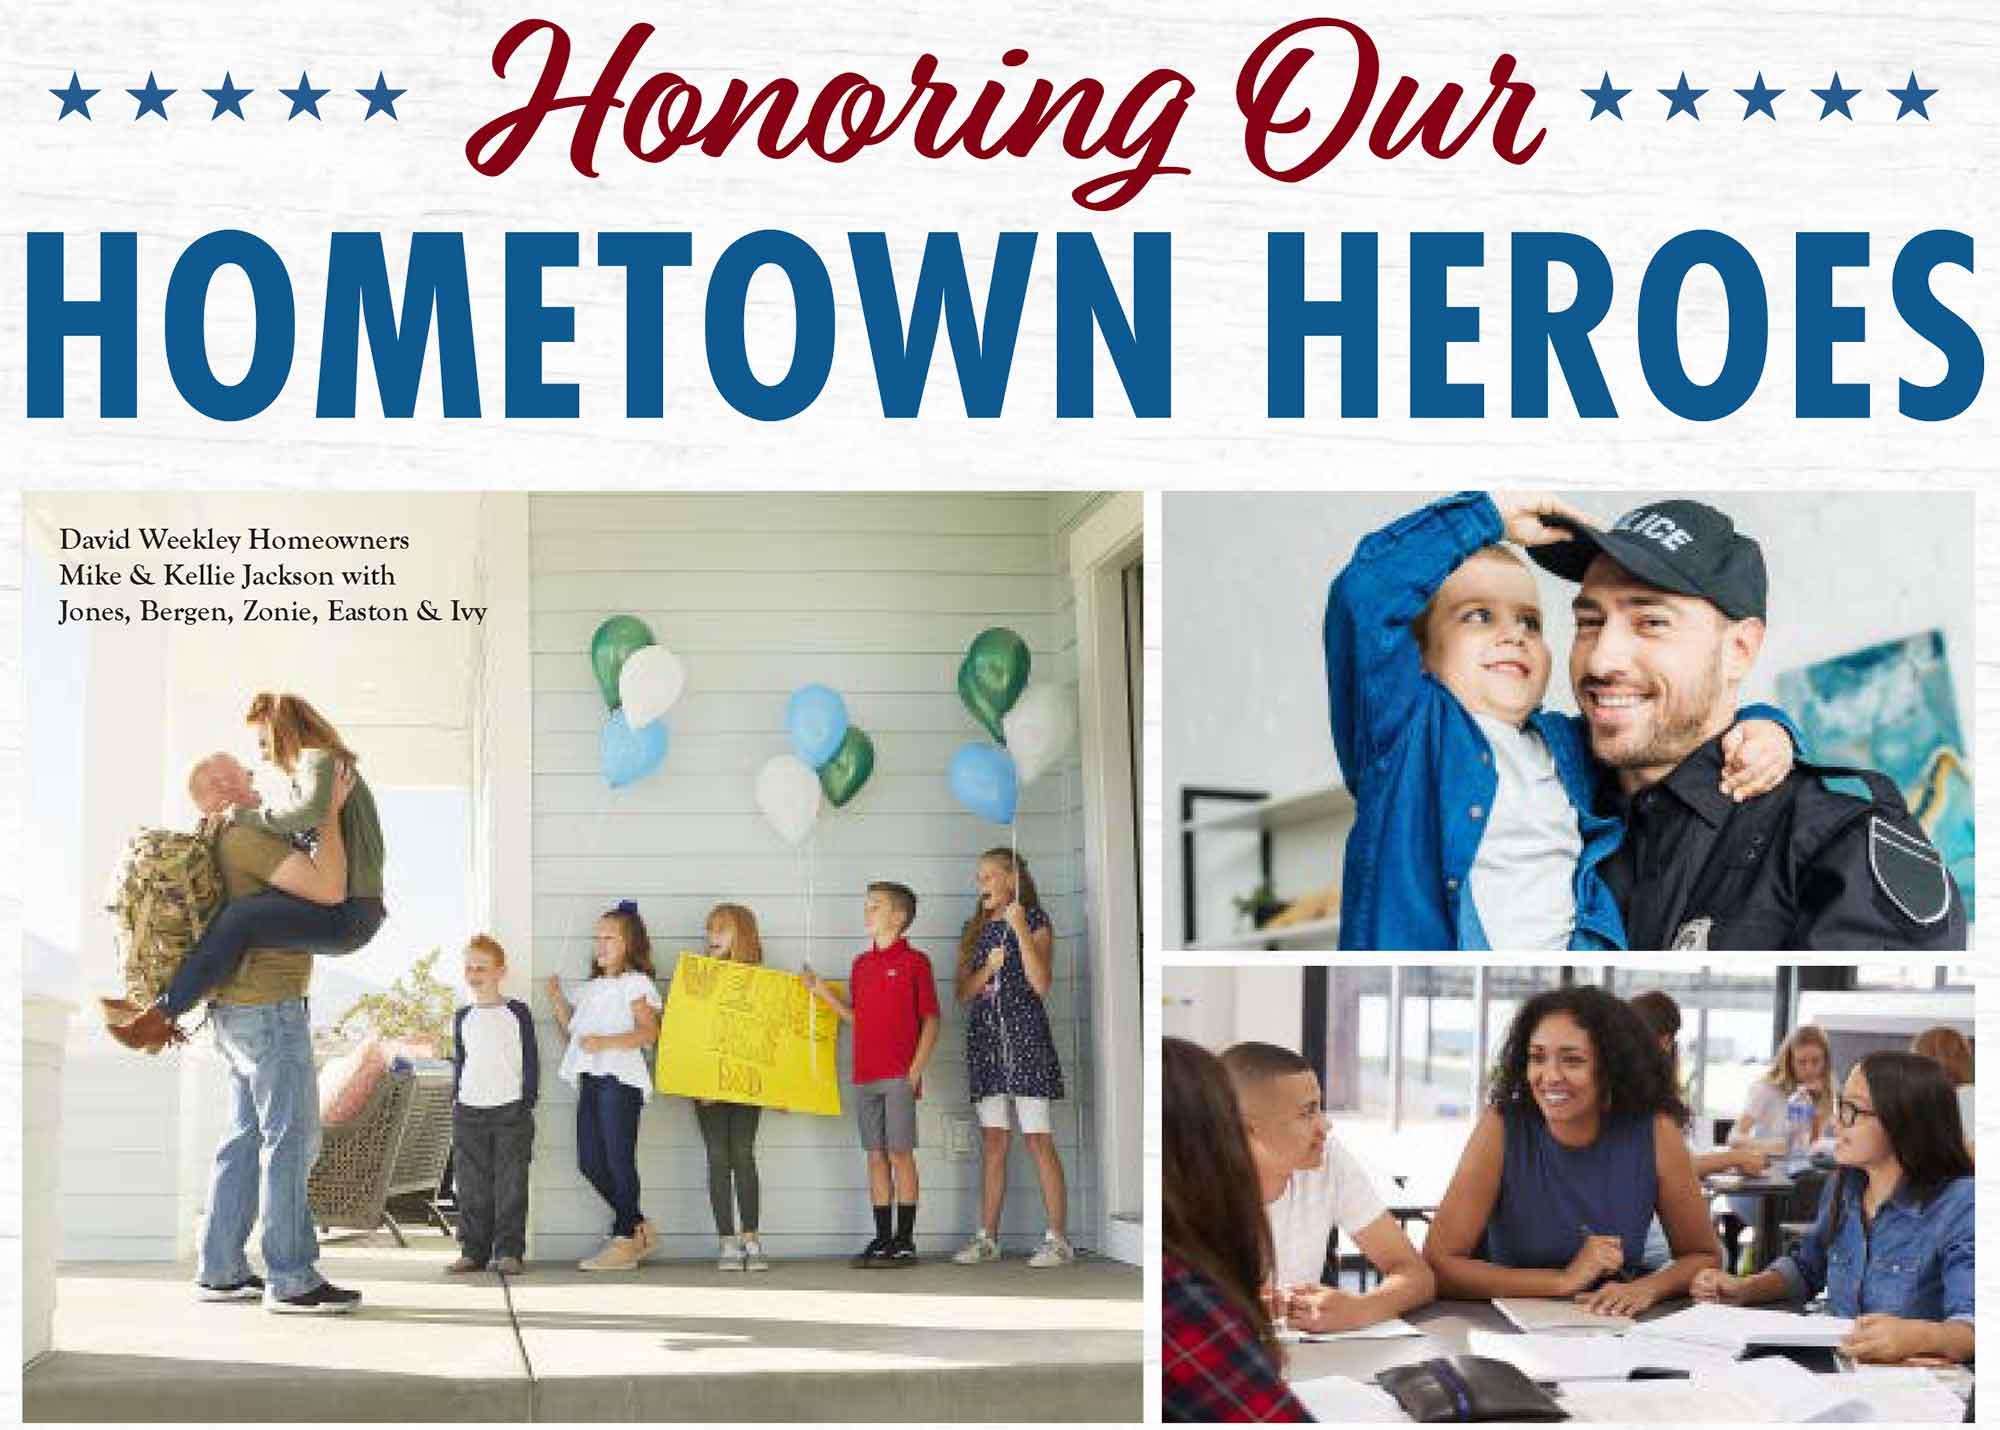 Salute to Hometown Heroes in Austin!